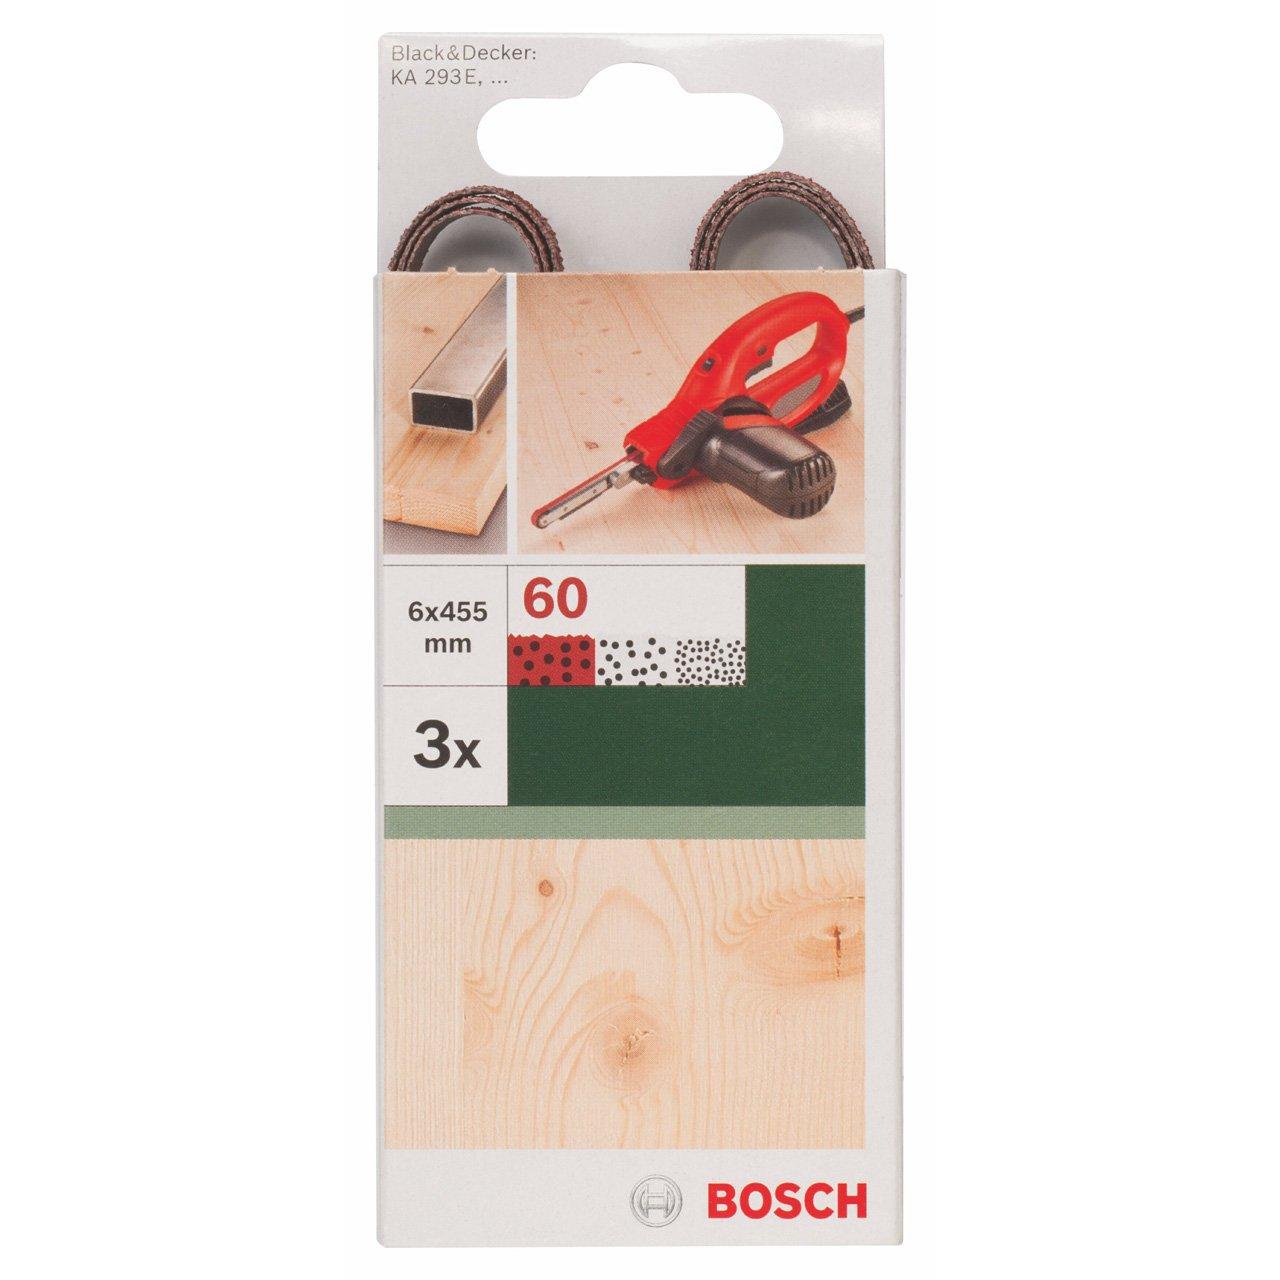 Bosch 2609256235 Bande abrasive pour Ponceuse Black Decker Powerfile Grain 60 6 x 451 mm Bois 3 pi/èces